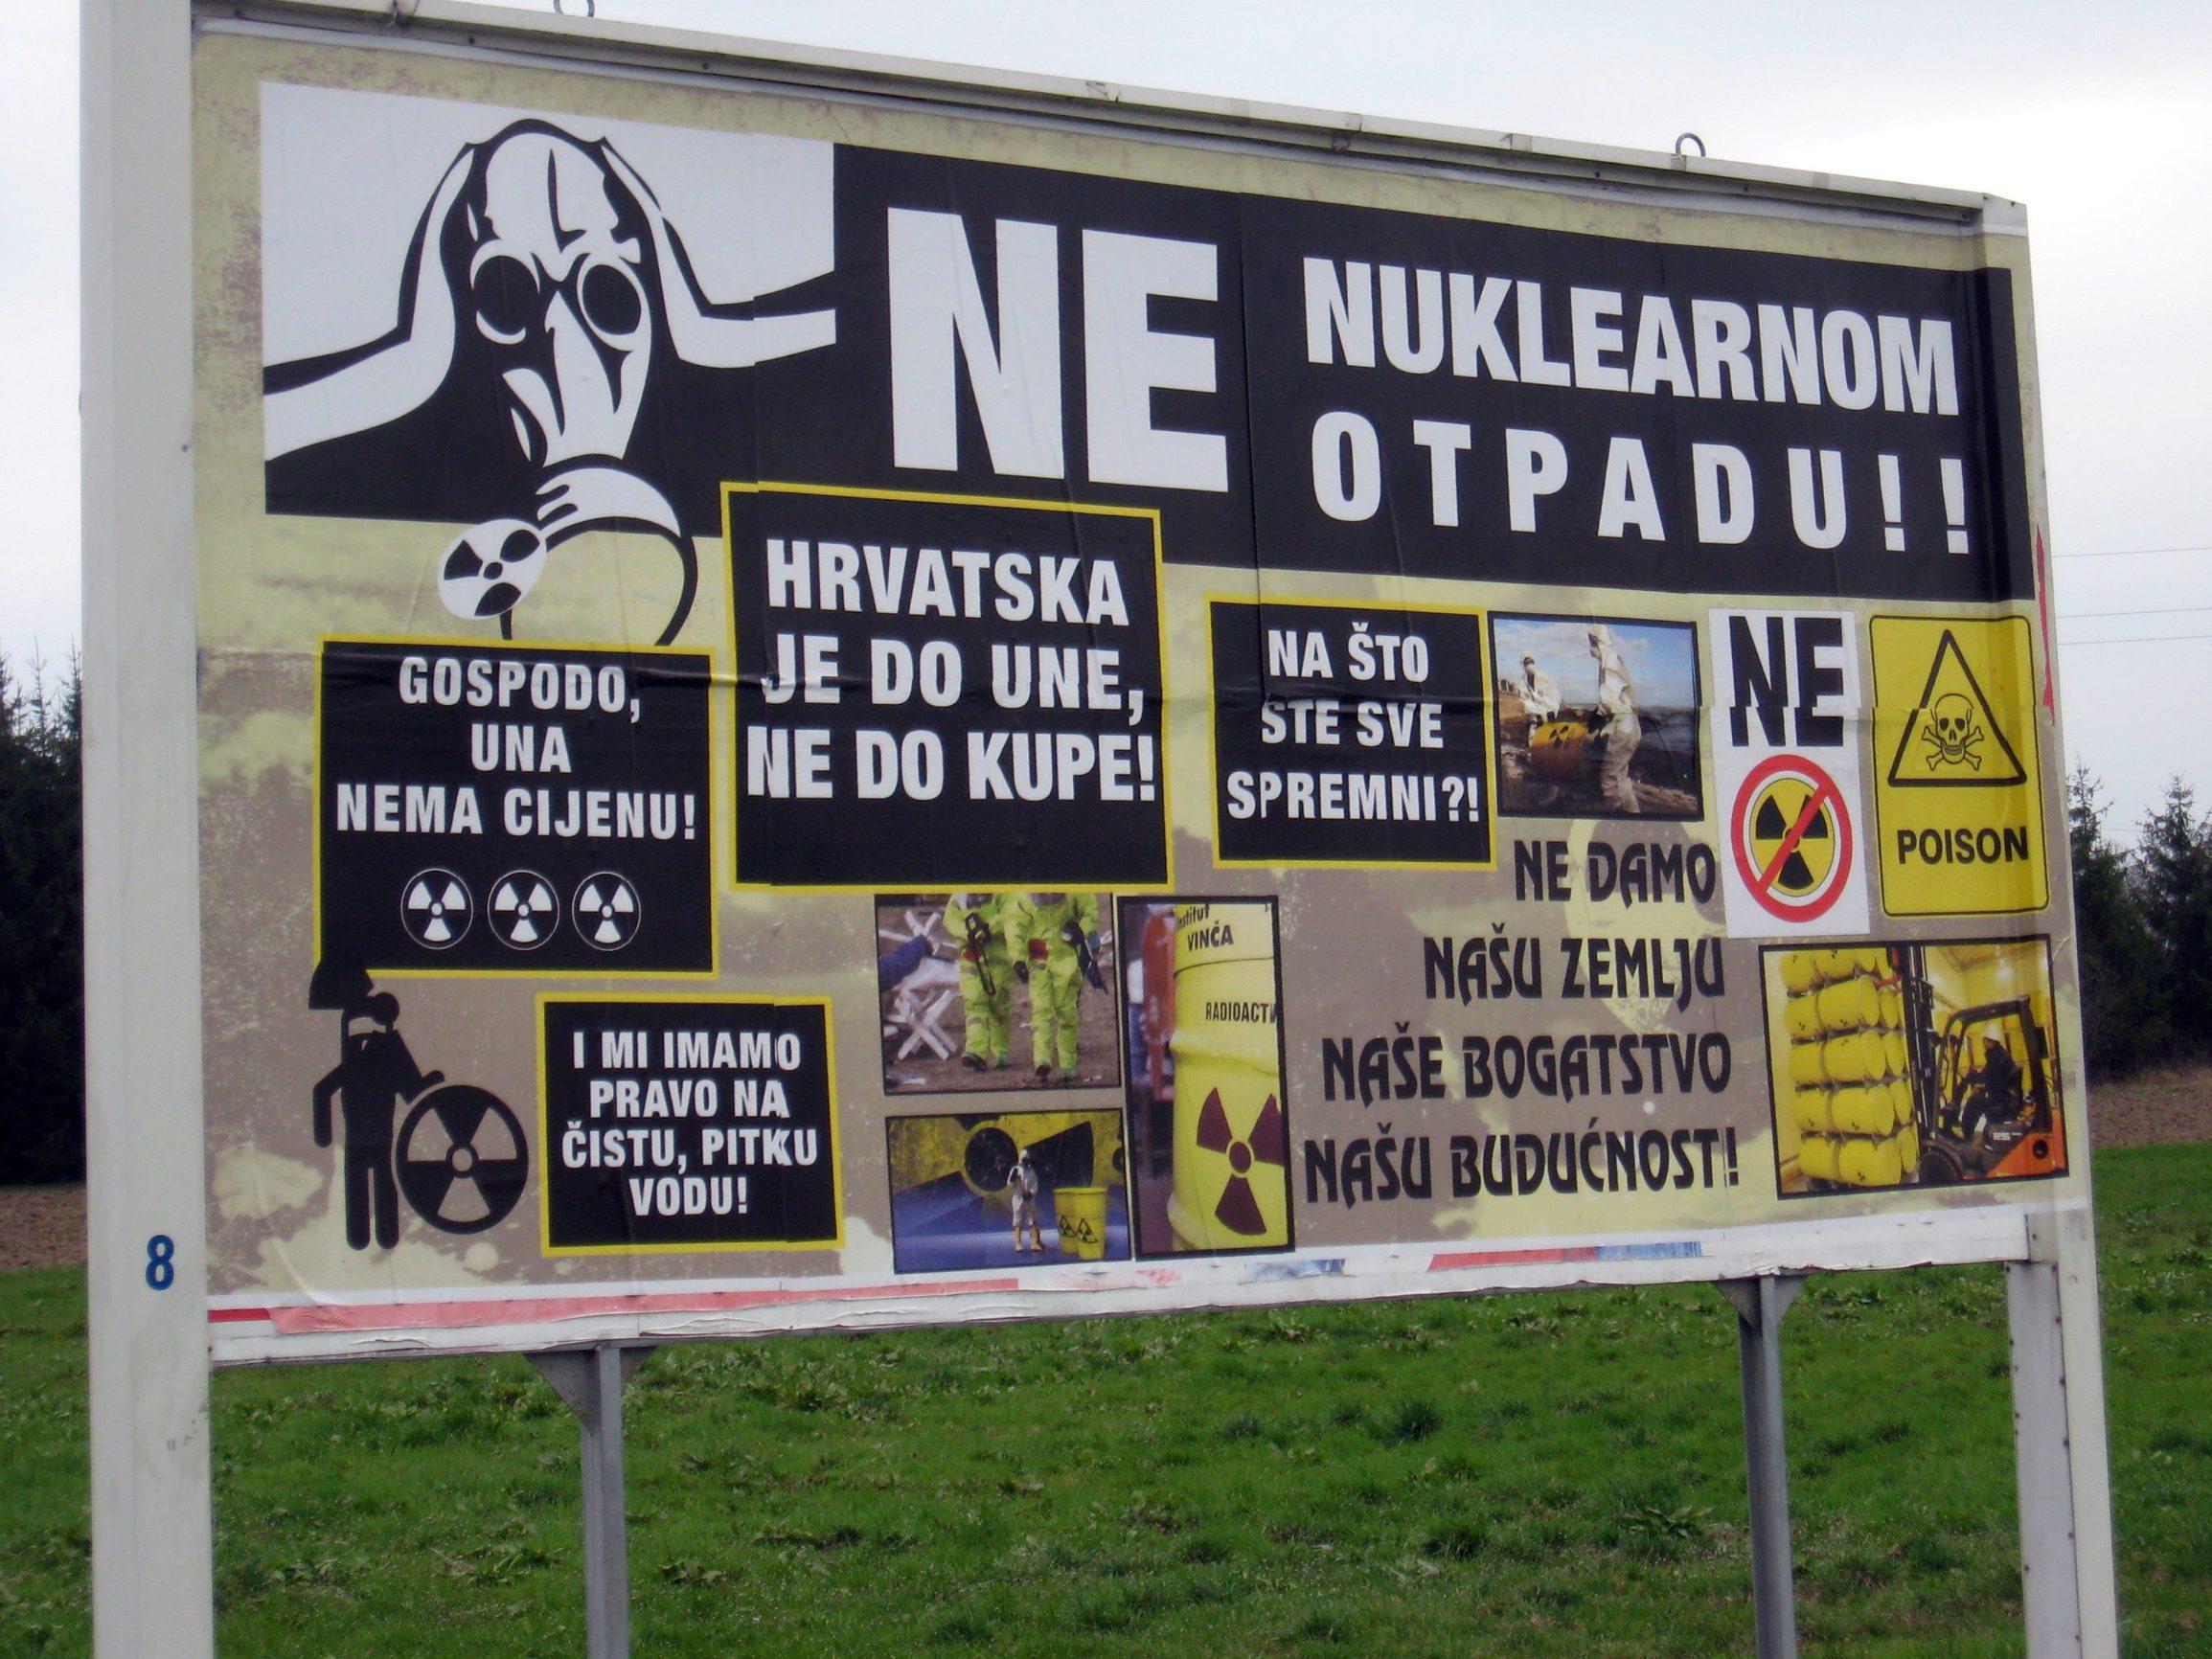 nuklearni_otpad1-140316